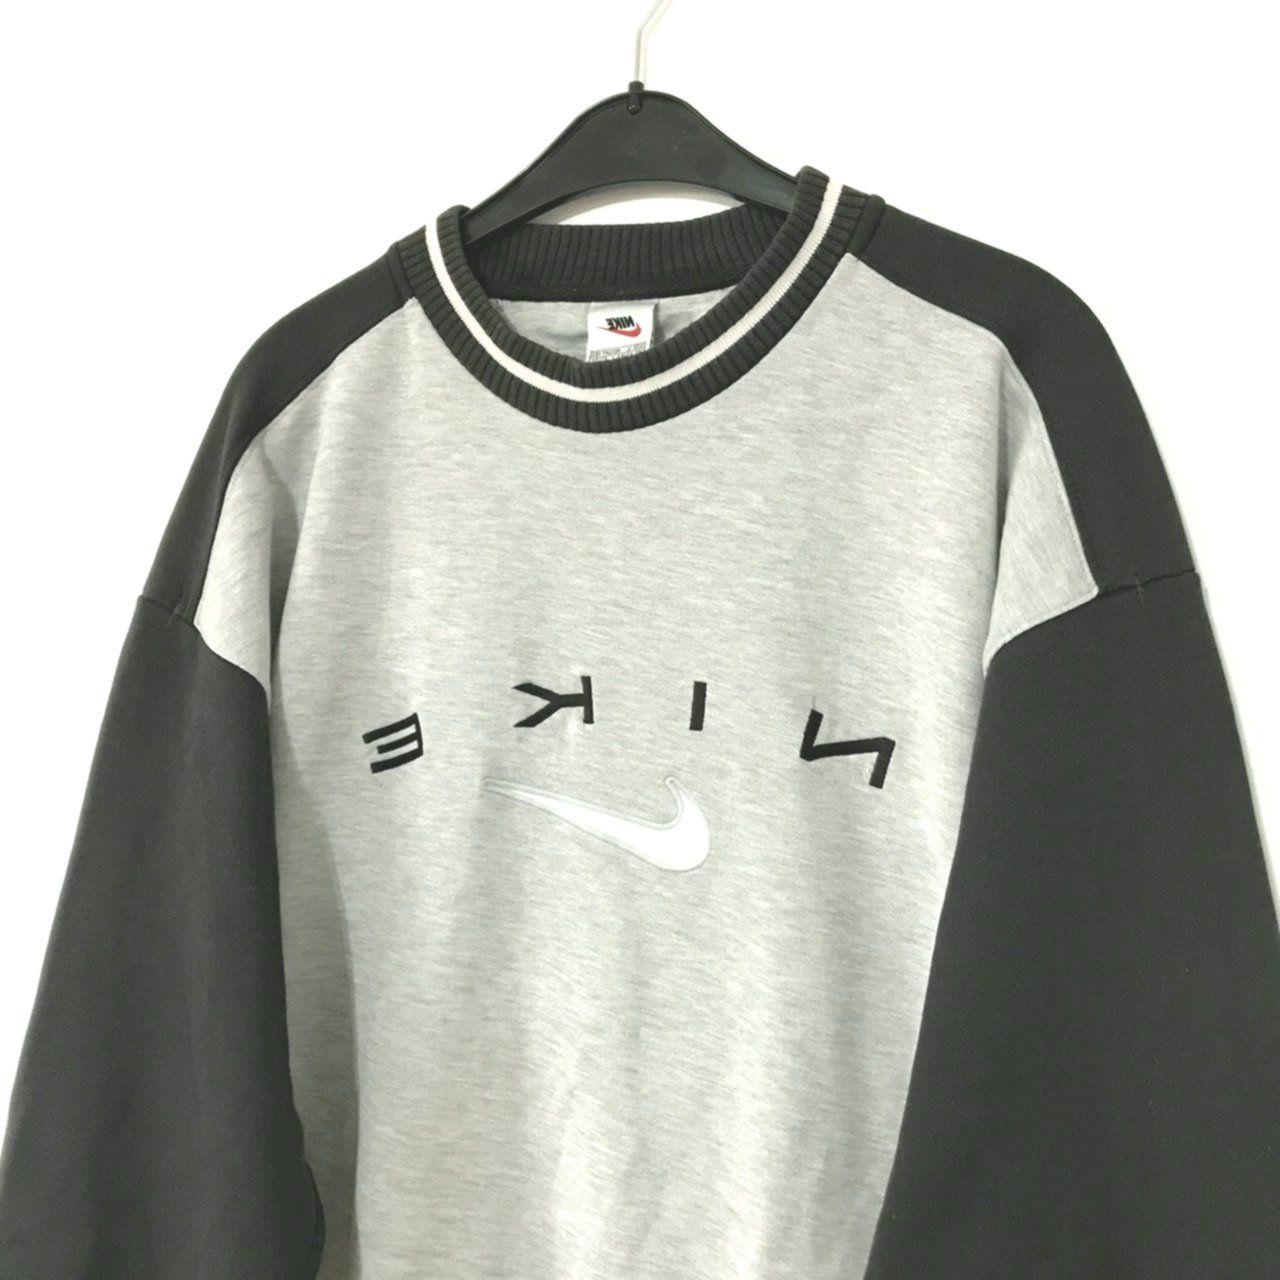 Predownload: Vintage Nike Sweatshirt Size L Gb 4244 Great Depop Vintage Nike Sweatshirt Trendy Hoodies Vintage Hoodies [ 1280 x 1280 Pixel ]